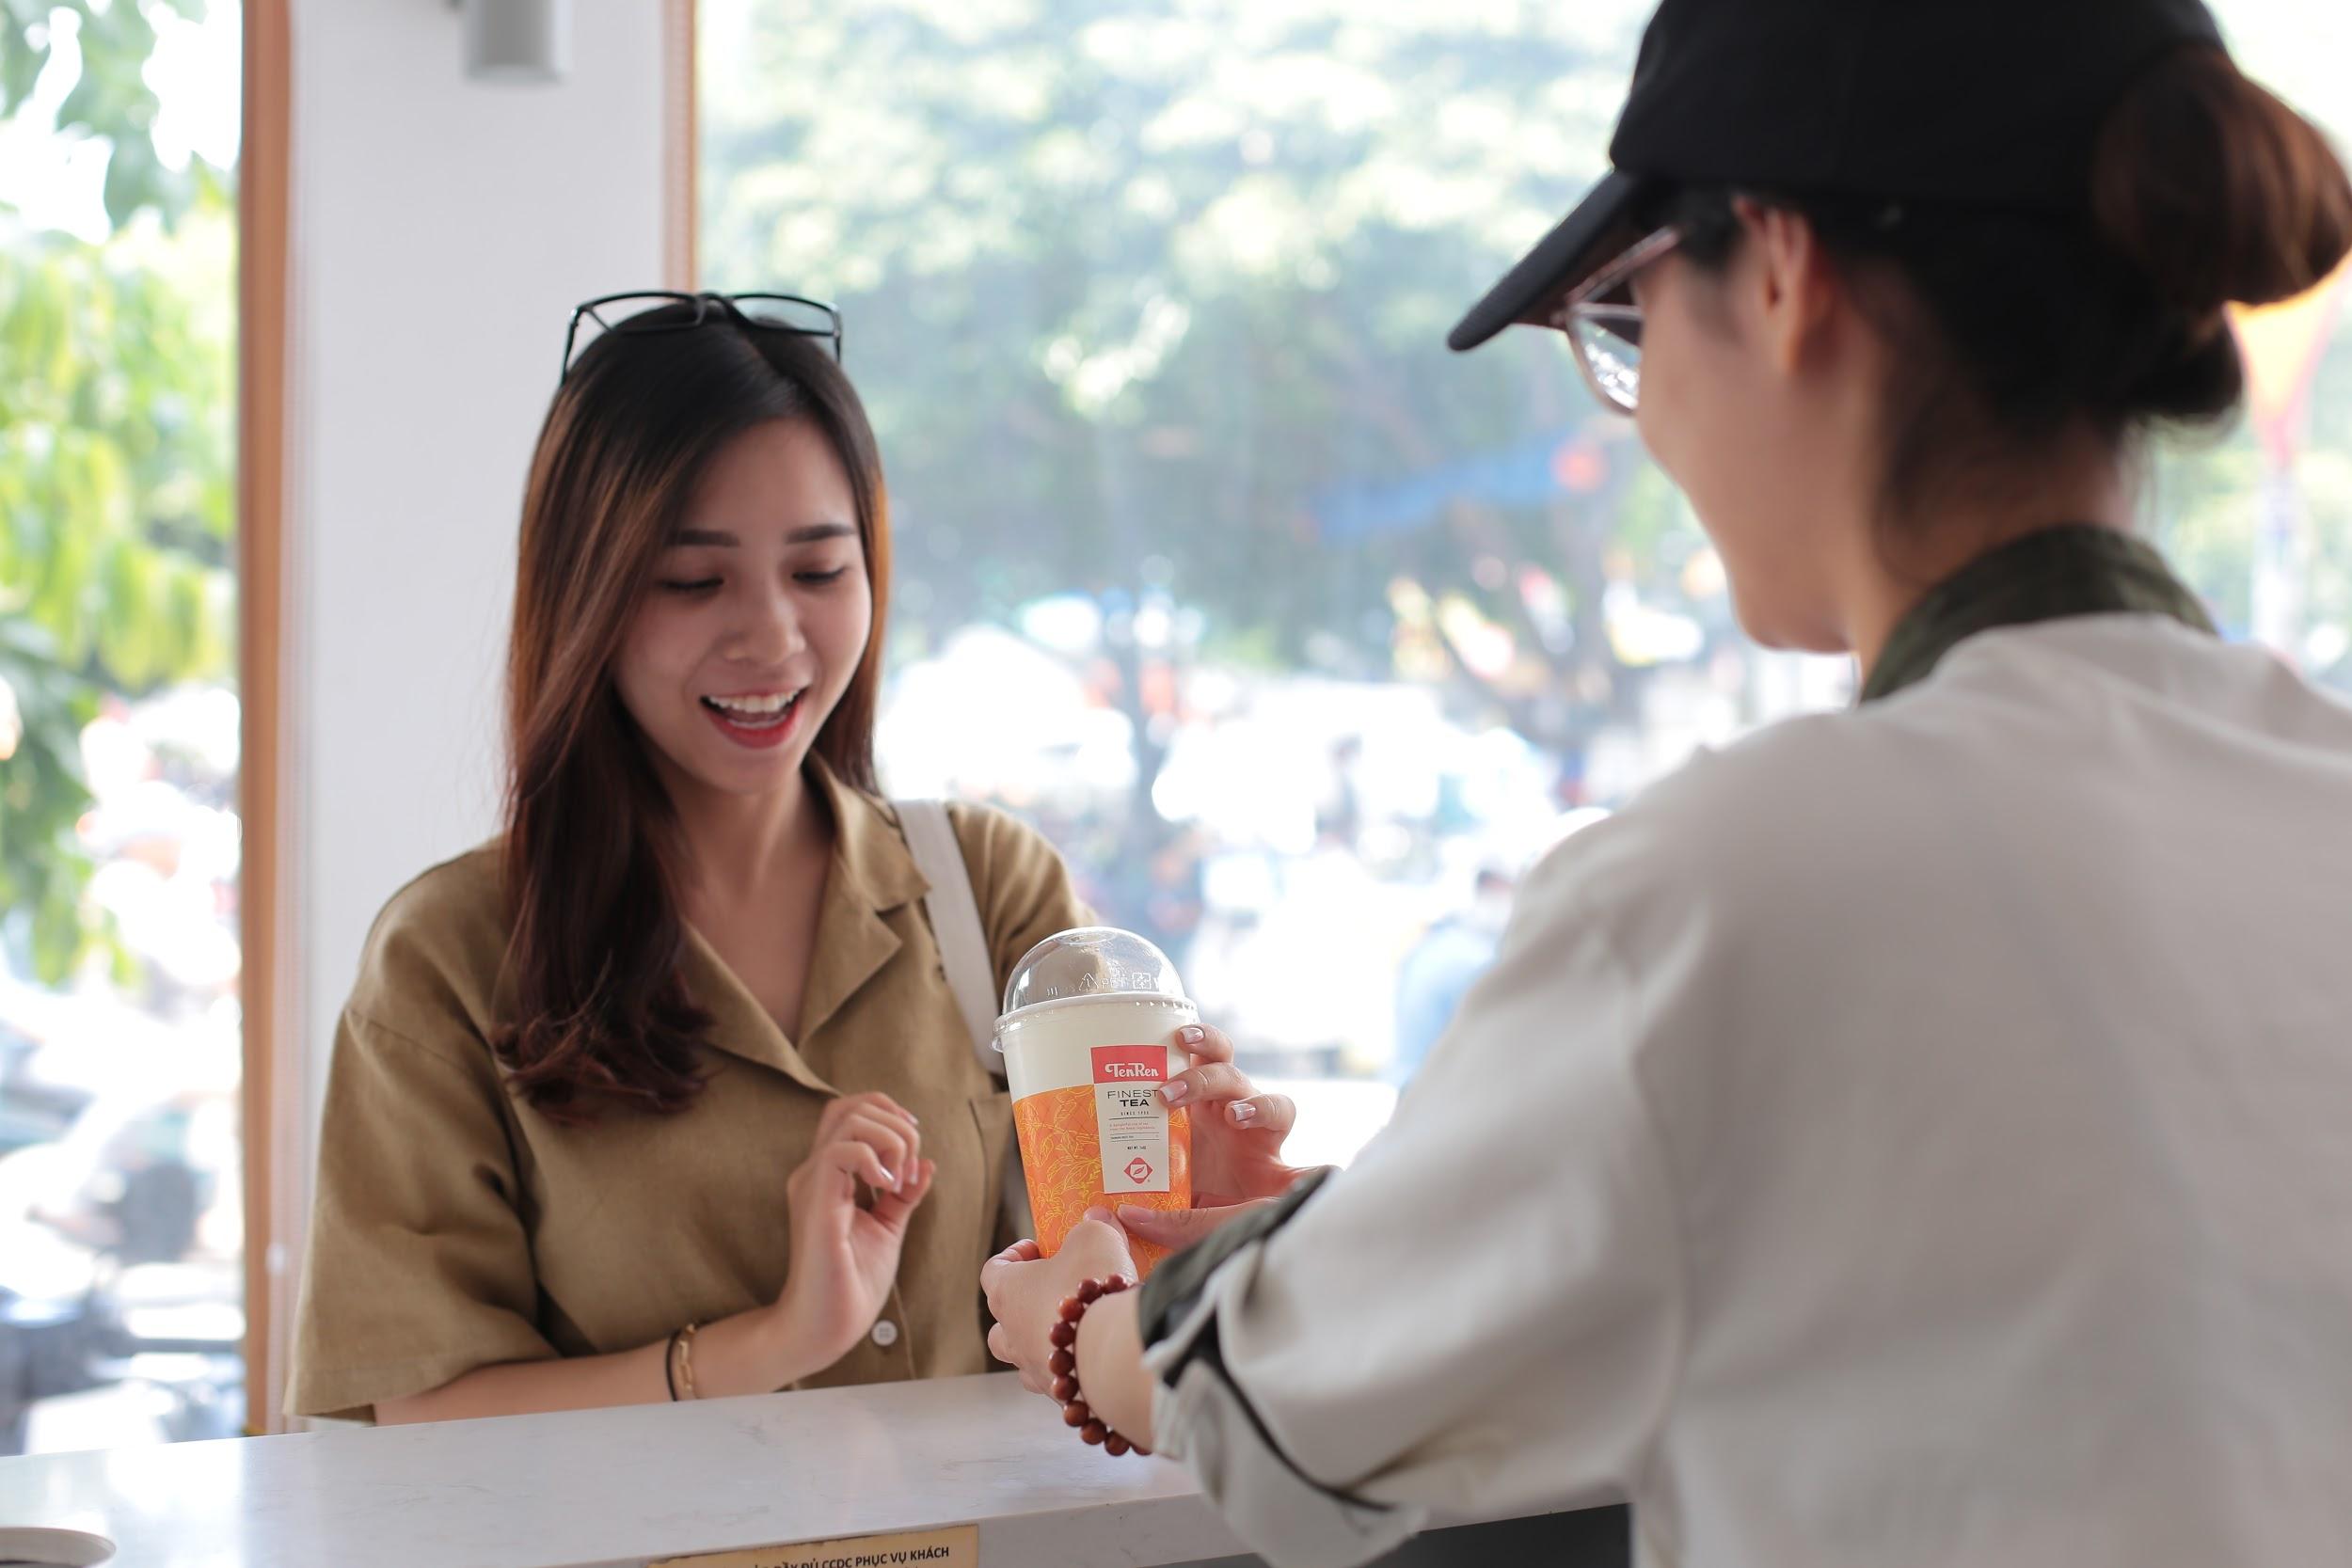 Sau gần 1 năm ra mắt, Ten Ren chính thức cán mốc 20 cửa hàng tại Việt Nam - Ảnh 2.